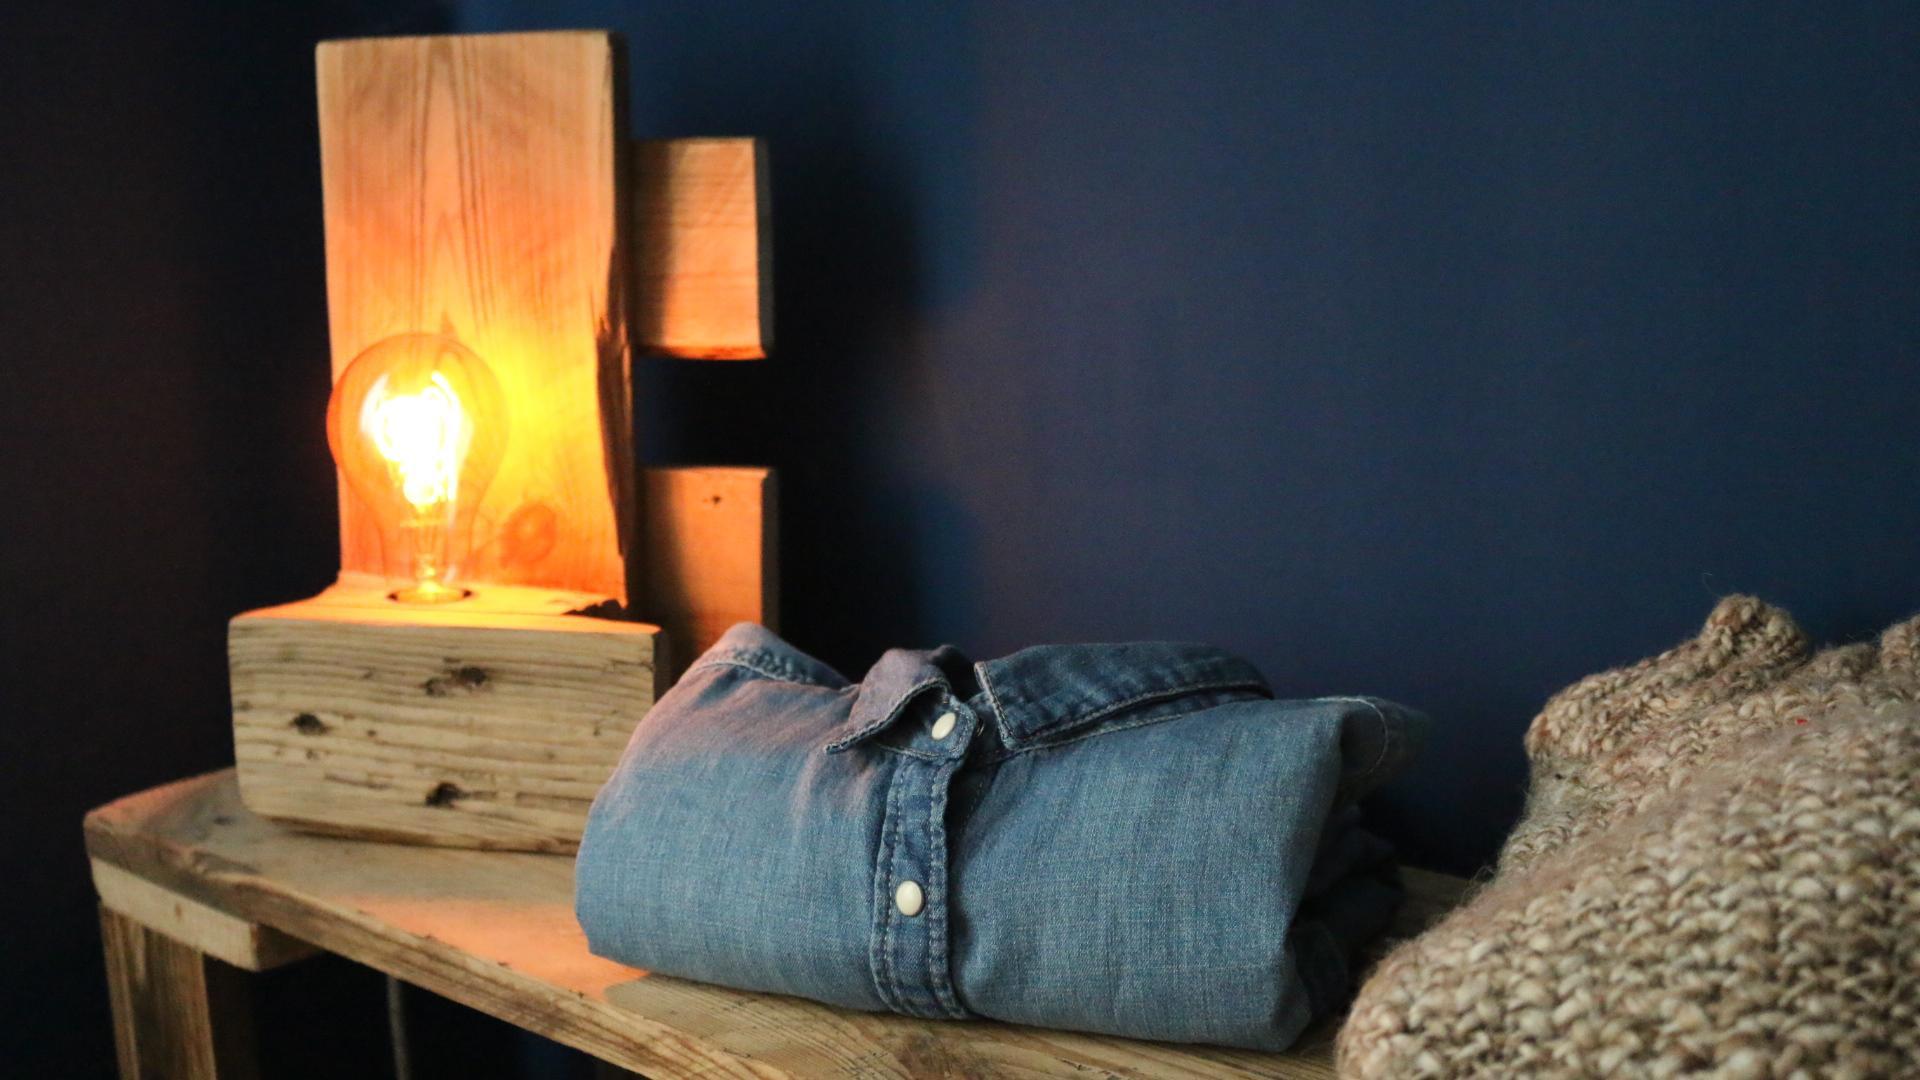 Lampe Selber Bauen  【 】 Lampe aus Paletten Vintage DIY Anleitungen